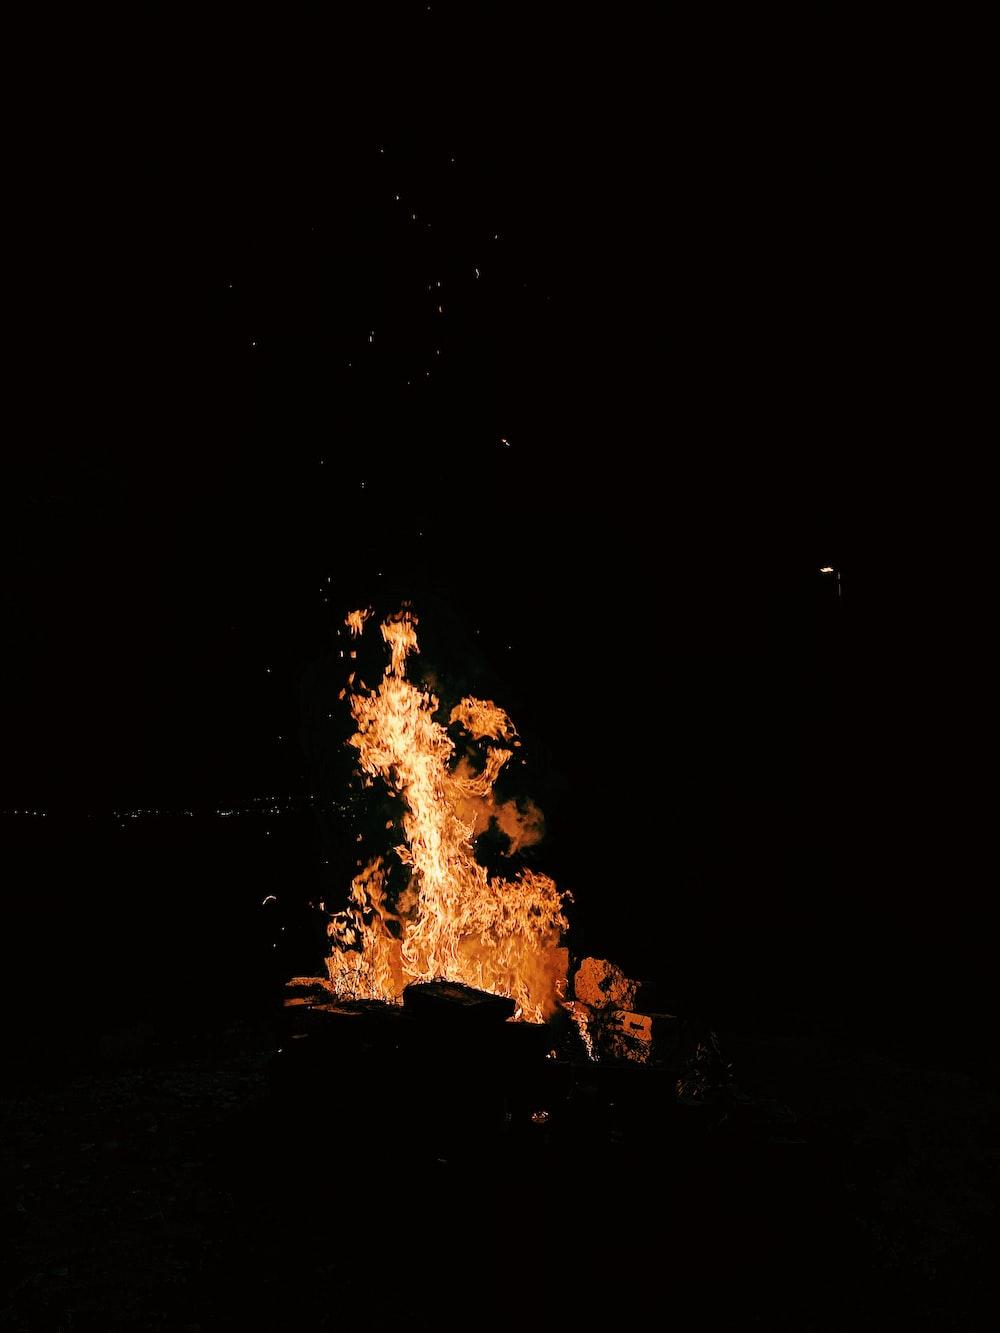 wood burning at night